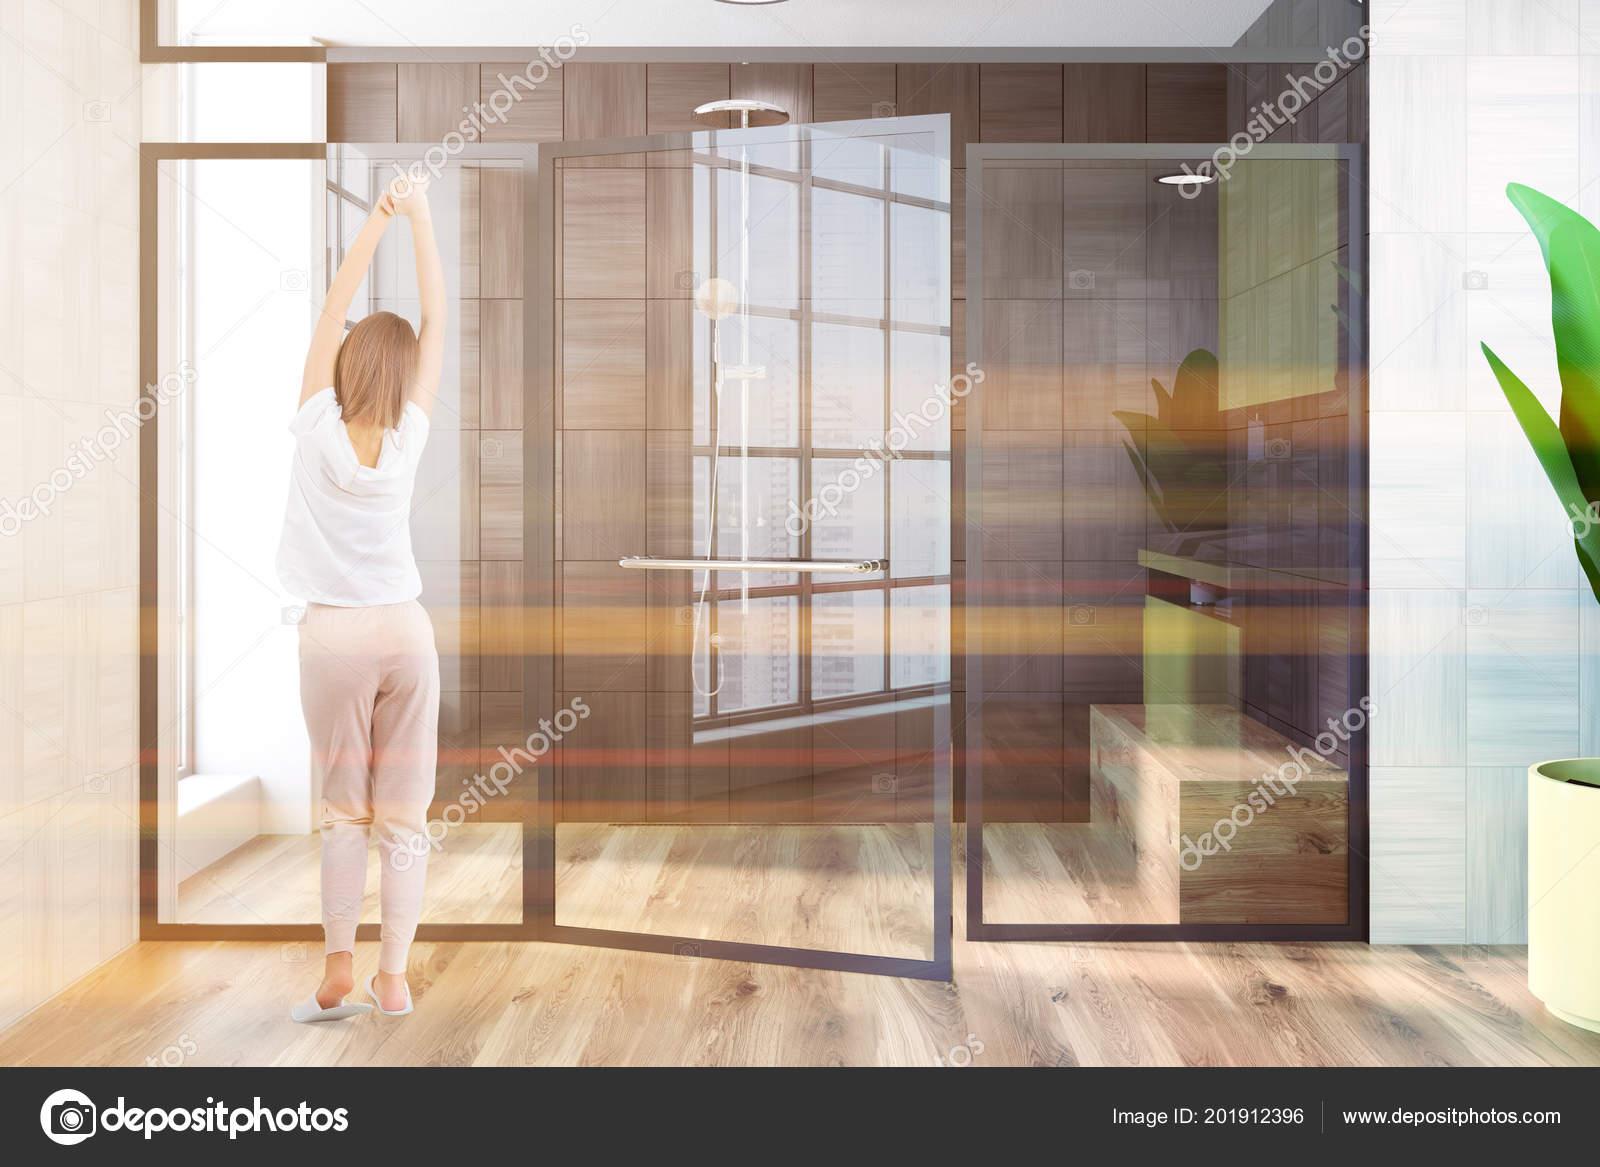 Intérieur Du Mur En Bois Noir Et Blanc Salle De Bain Avec Cabine De Douche.  Femme Dans Une Chemise De Nuit. Maquettes 3D Rendu Image Toniqueu2013 Images De  ...